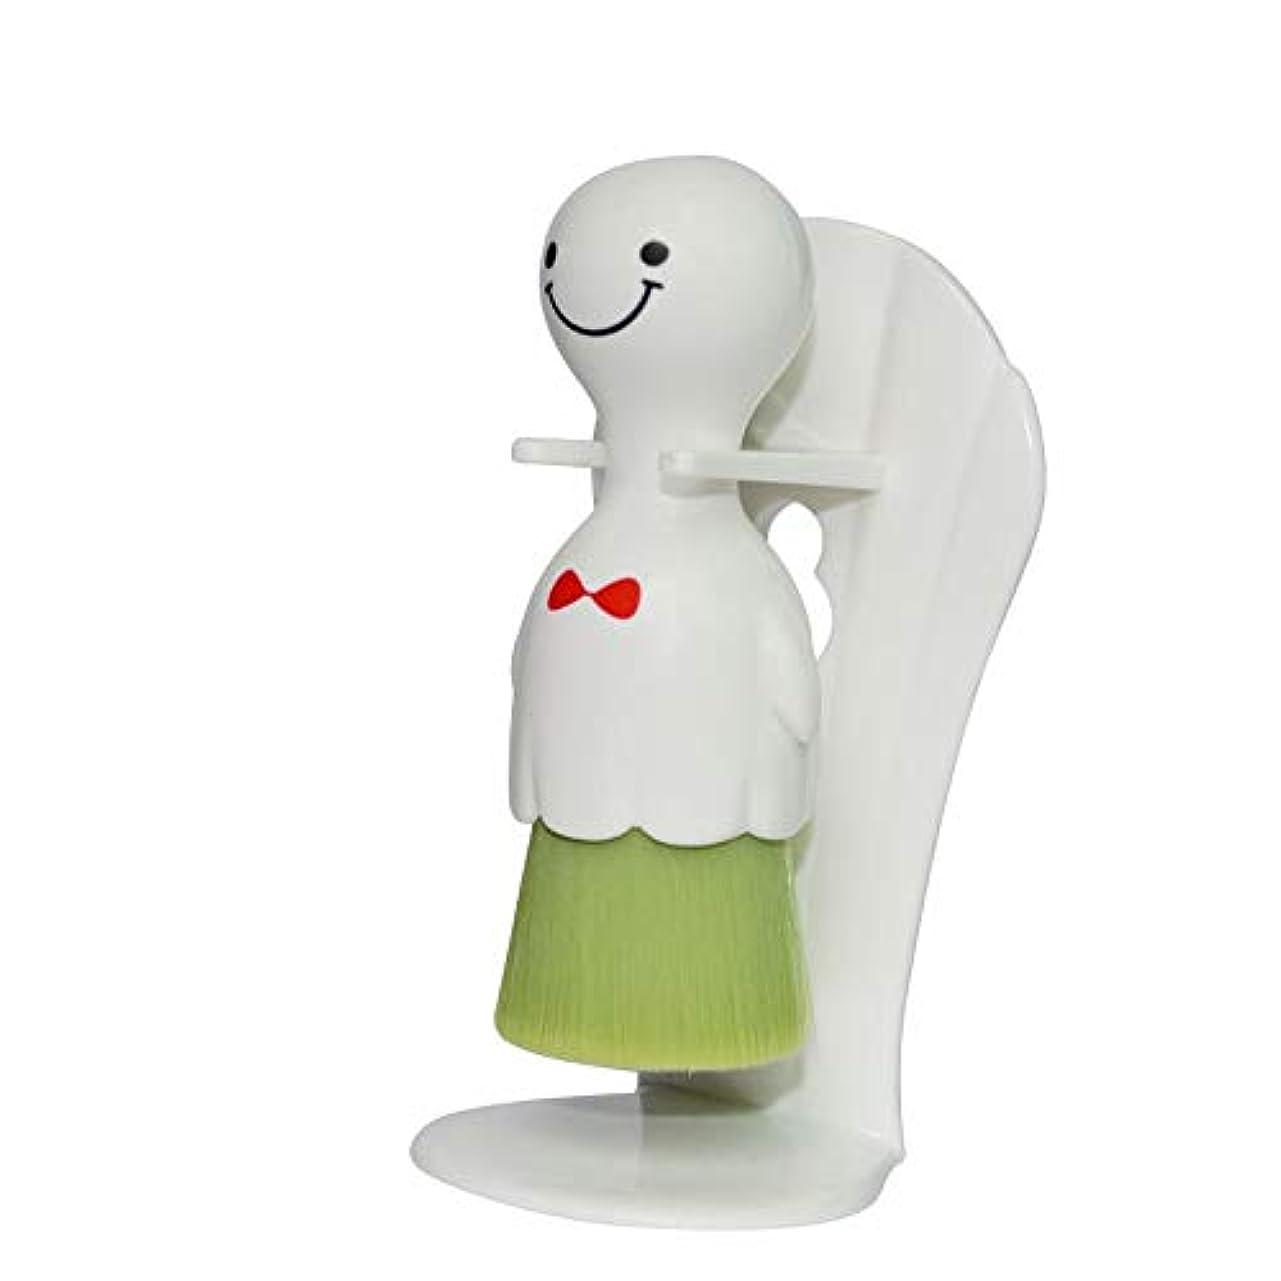 気分アヒル厳LYX 吸盤タイプサニー人形クレンジングブラシビッグホワイトウォッシュブラシ海藻毛手動クリーニングツールスマイル (Color : 白)